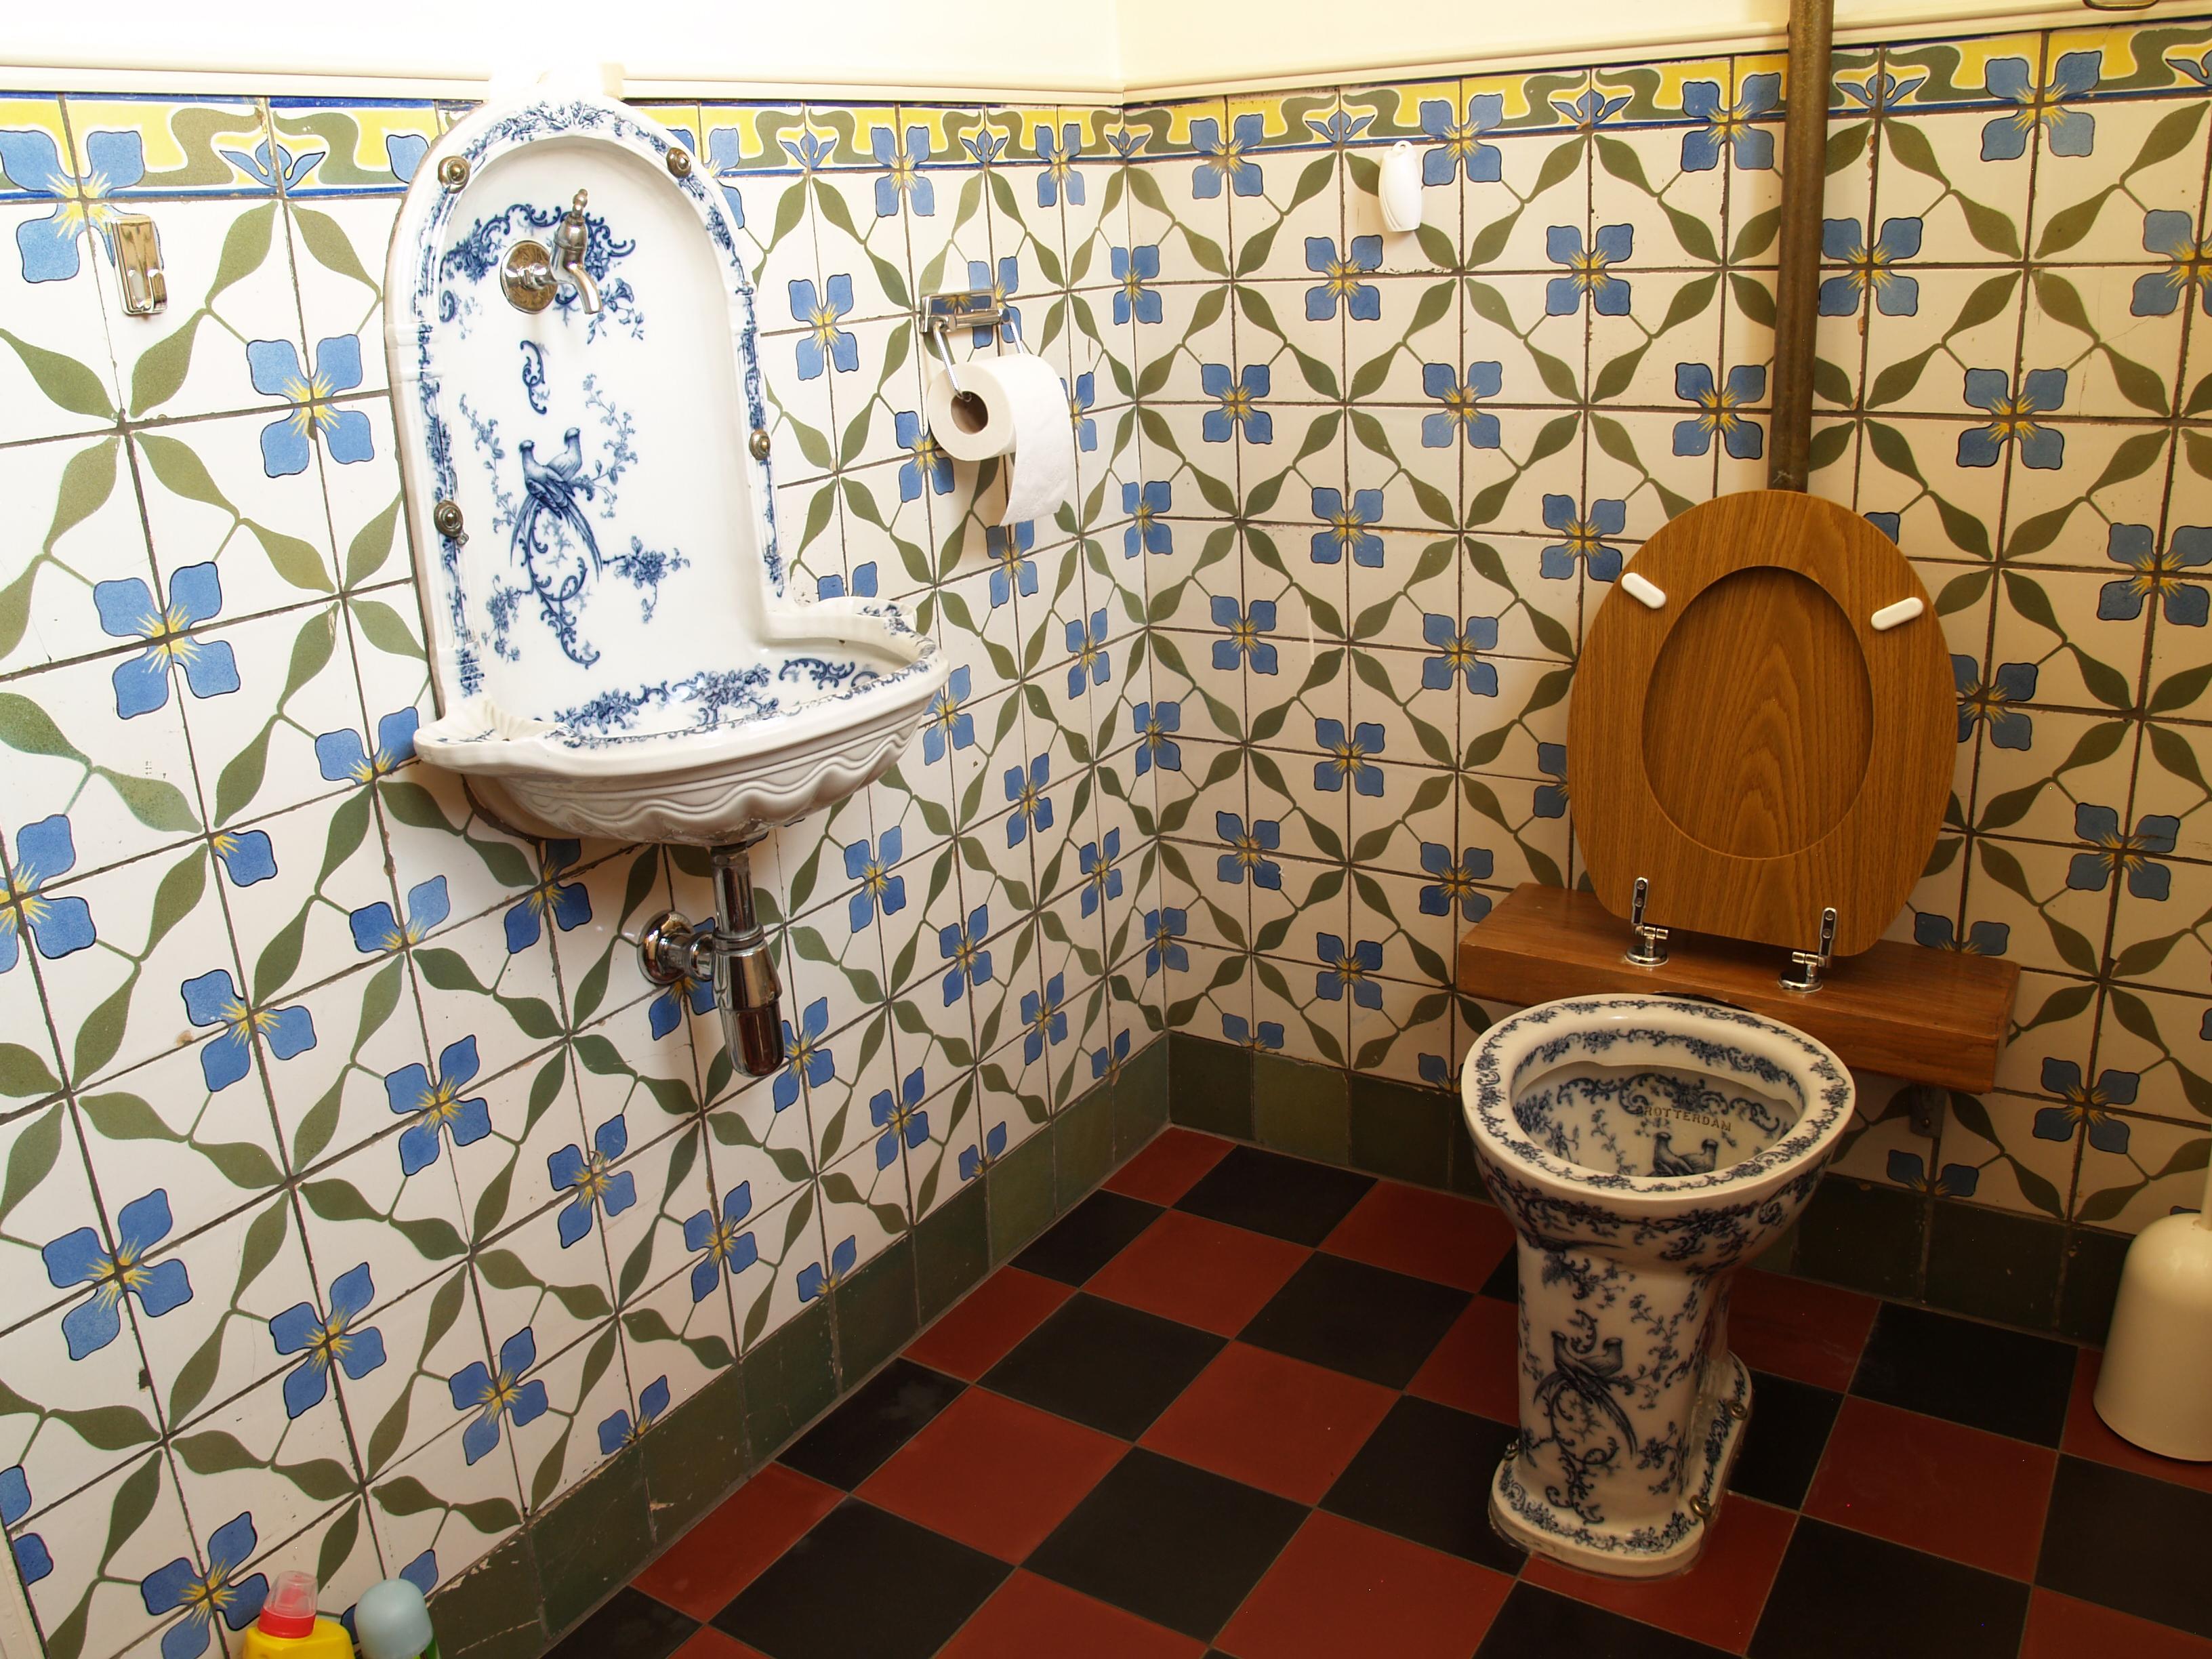 such beautiful delftware fixtures   in such a horrid room   File Notariskantoor Valkenswaard. 19th century bathroom  Victorian bathroom    retro bathroom